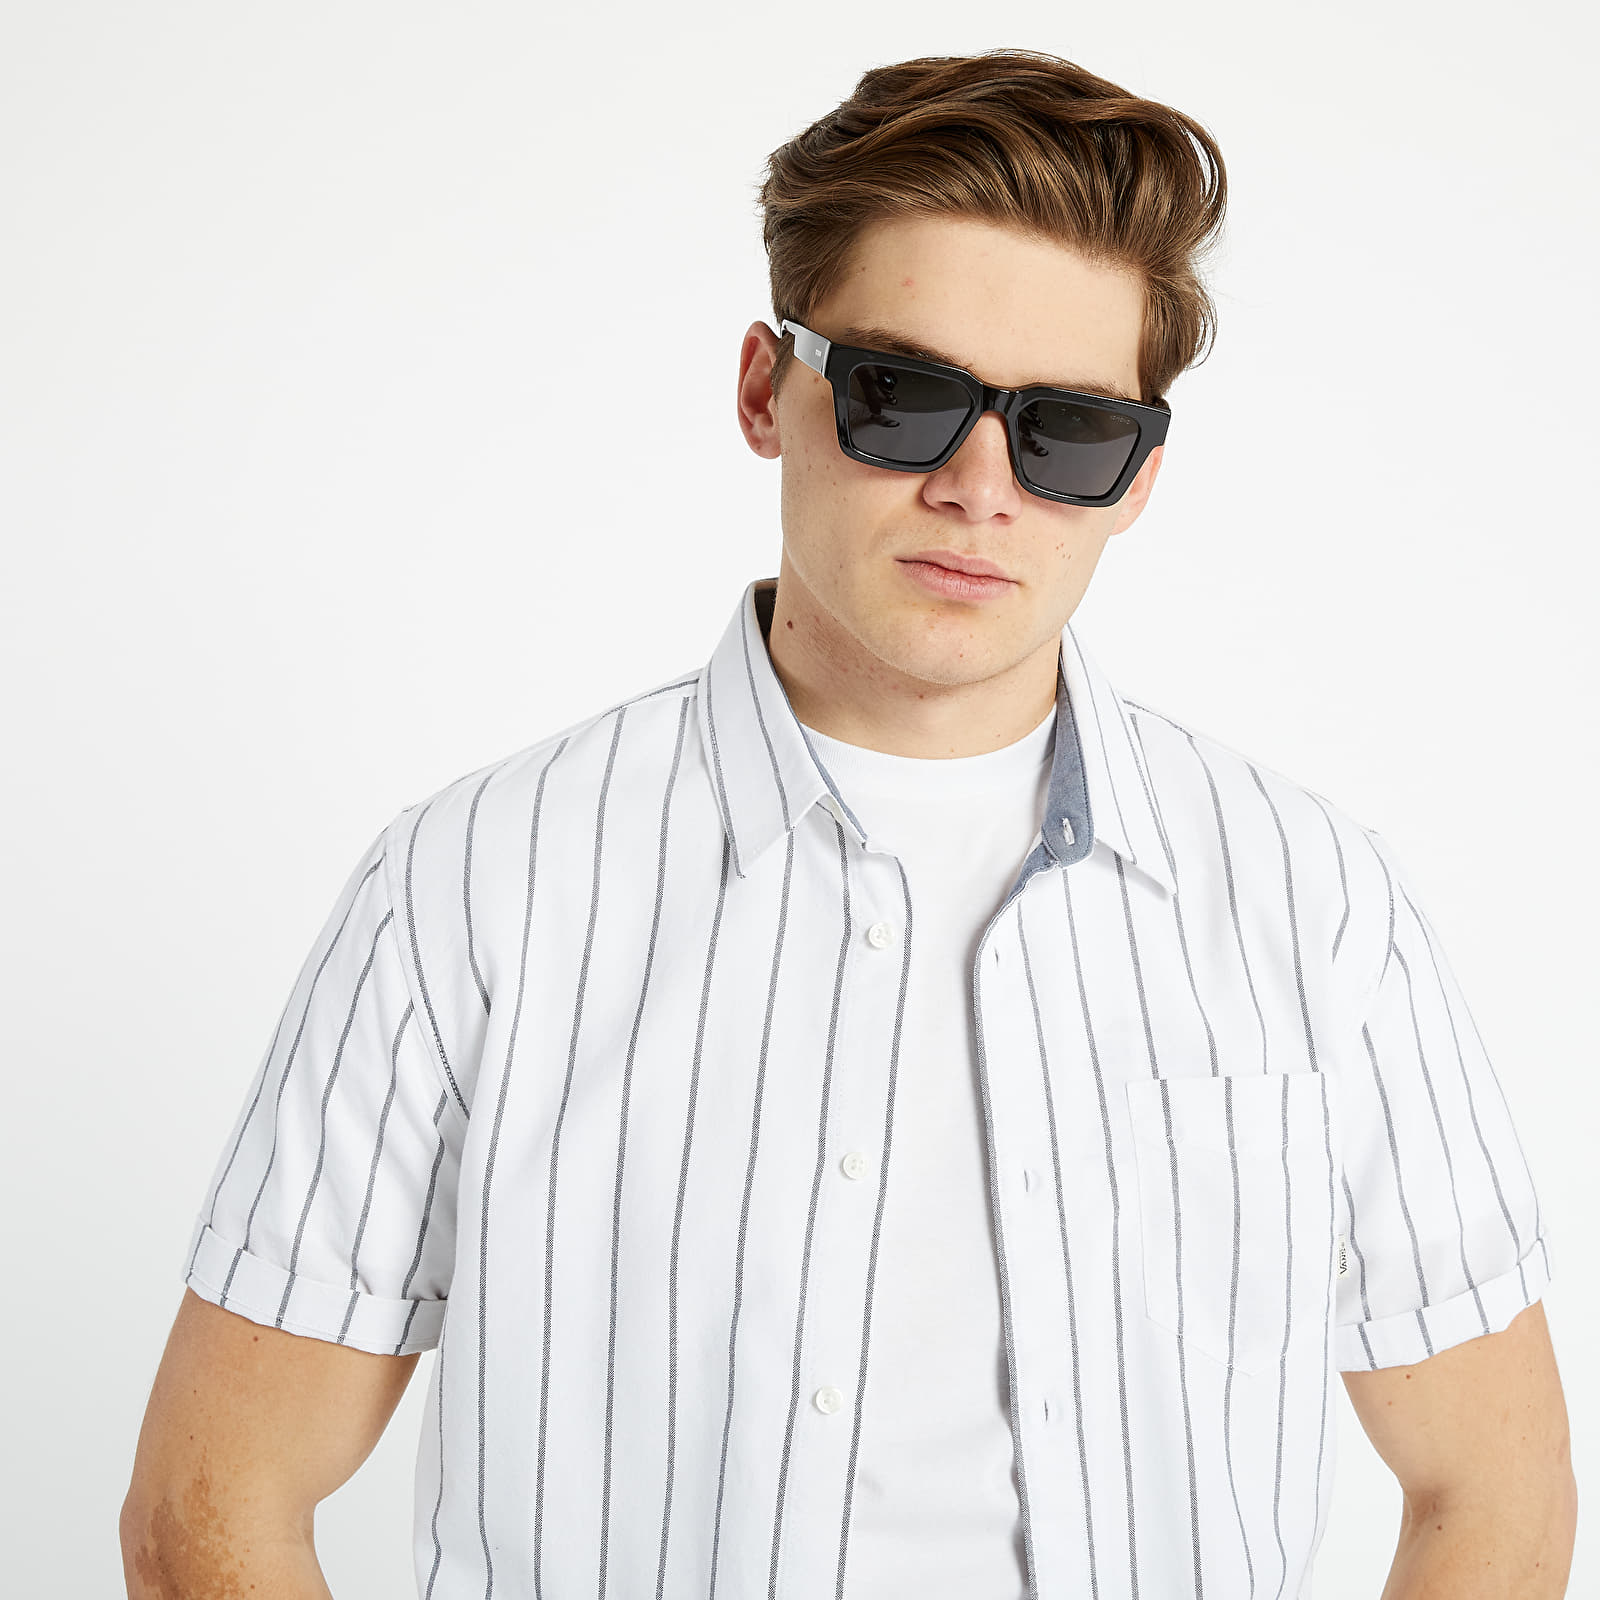 Shirts Vans CG Stripe Short Sleeve Shirt White/ Black